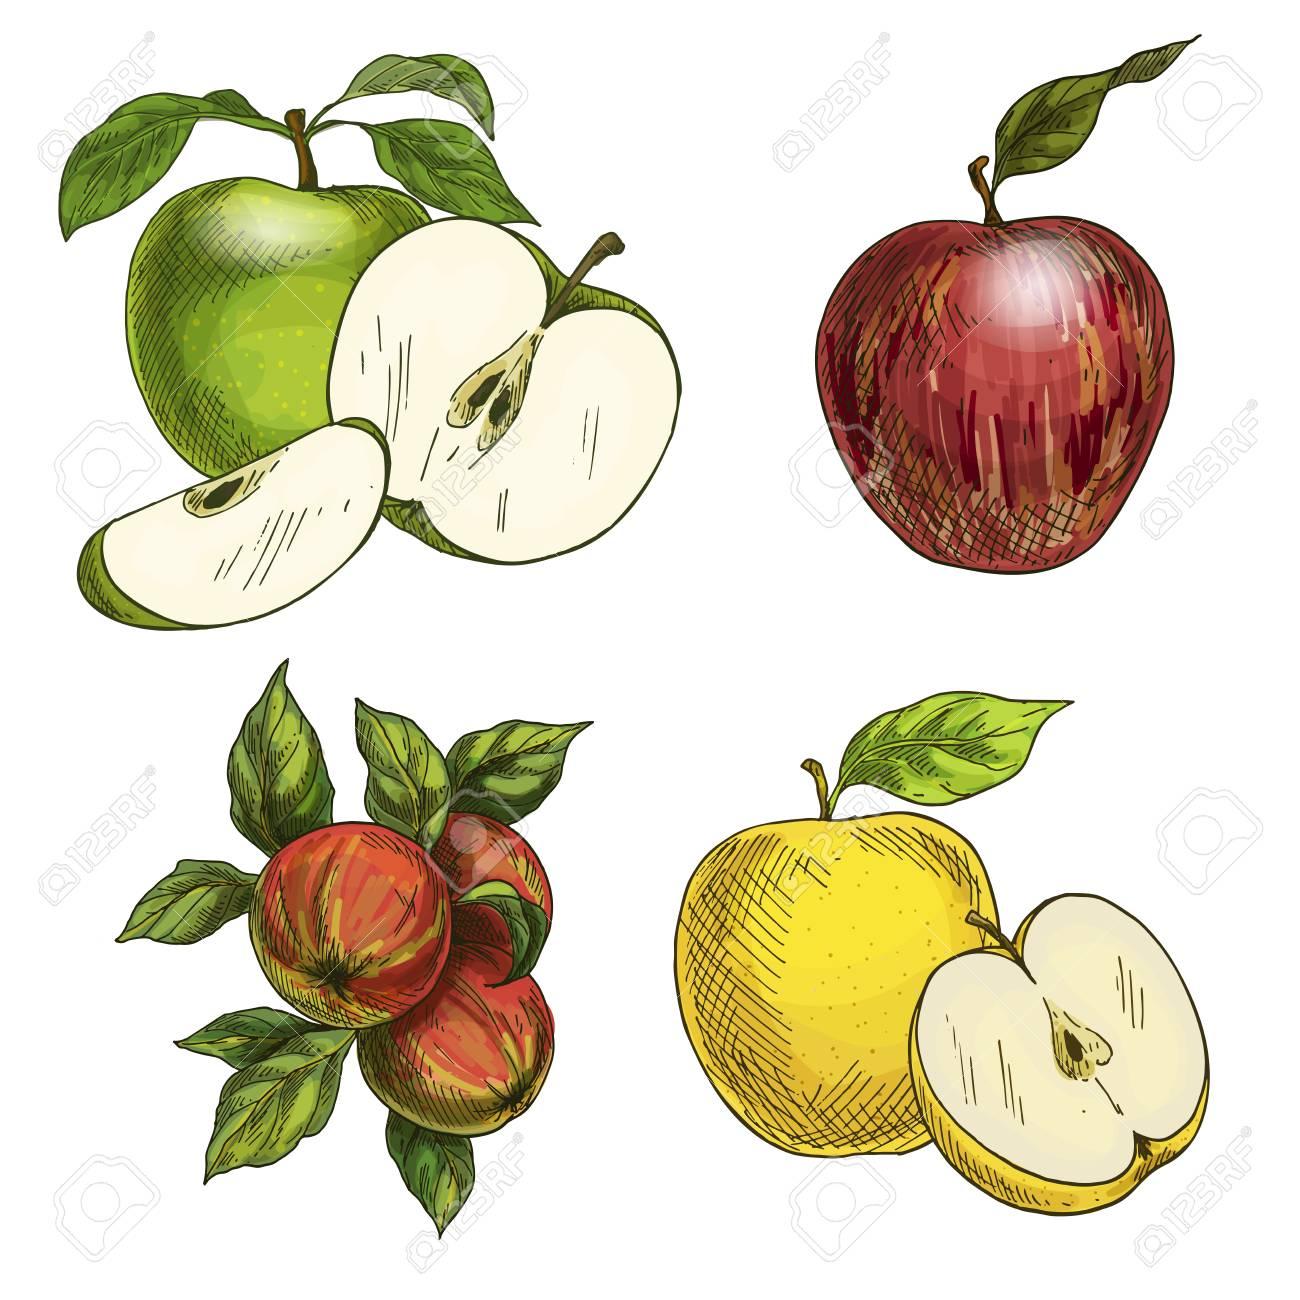 Pfel Mit Blättern Und Hälften Von Früchten. Grüne, Gelbe Und Rote ...